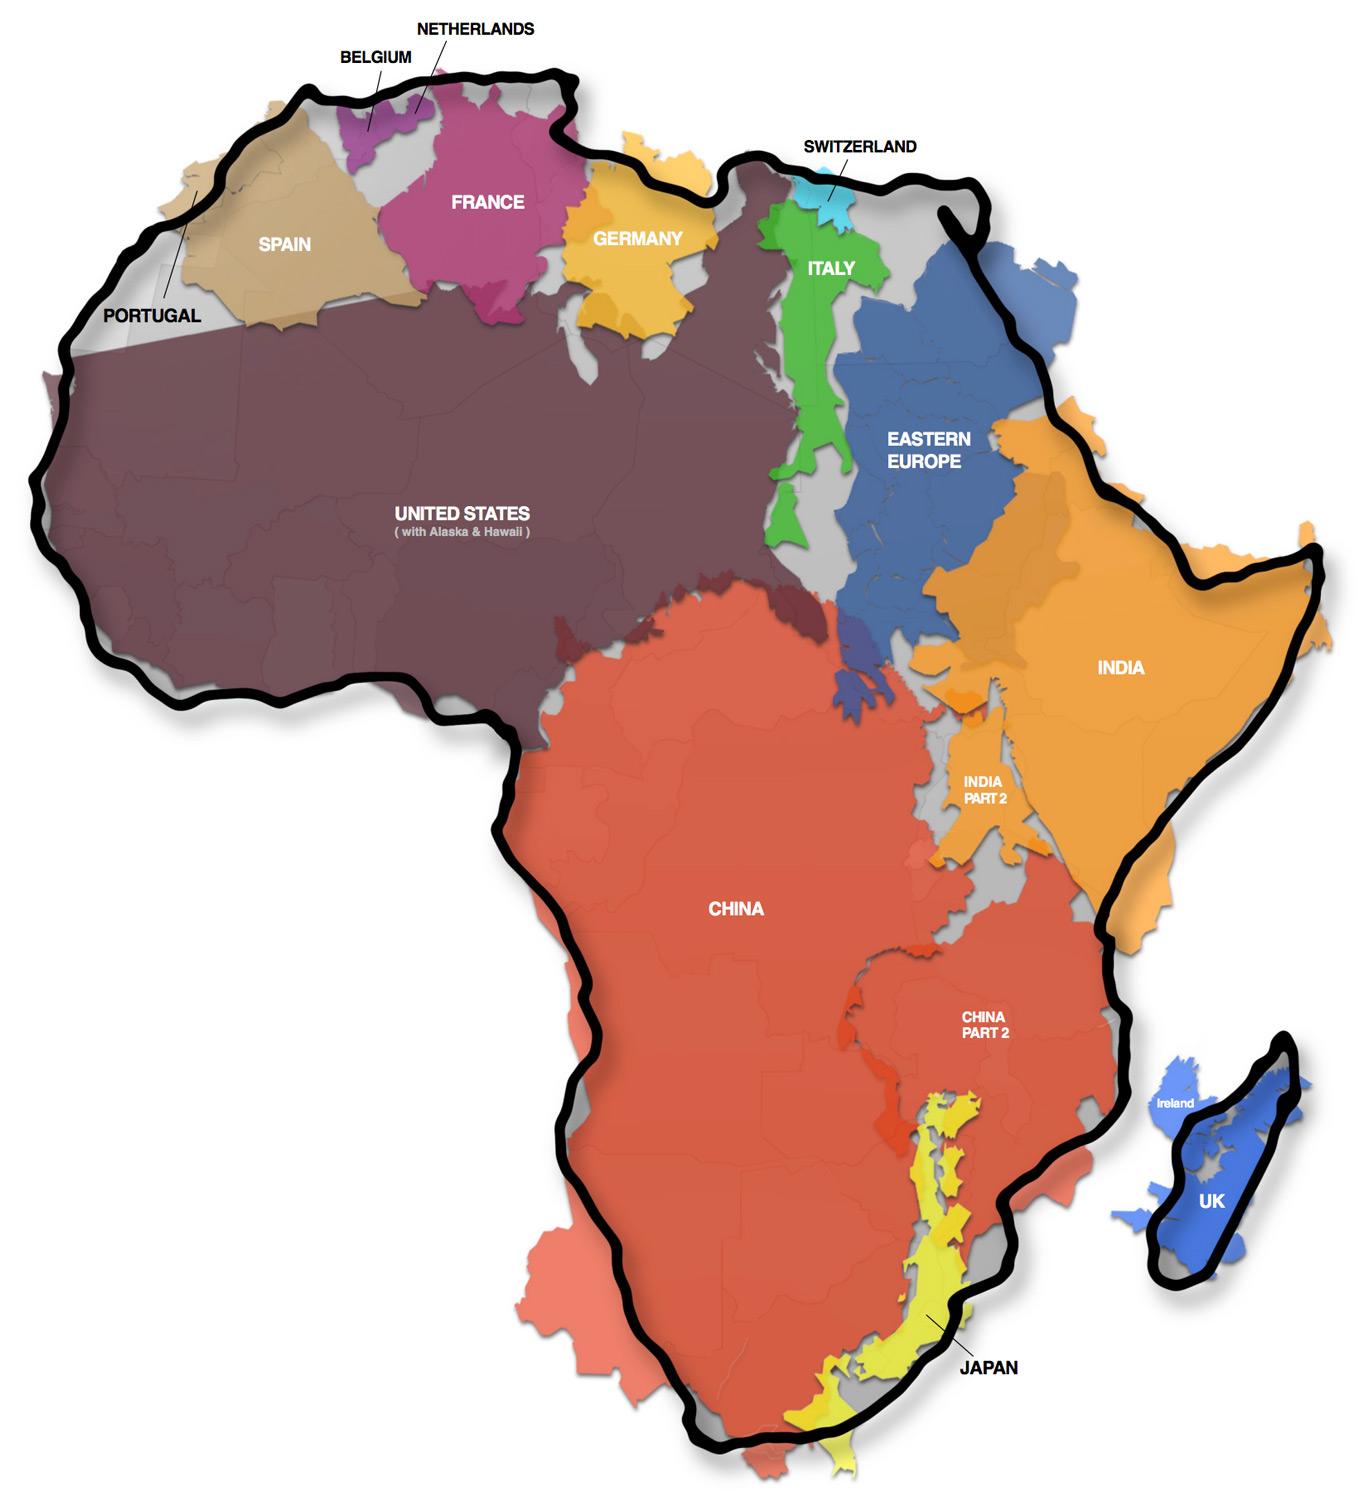 http://kai.sub.blue/images/true_size_of_africa_v3-da3dd38e.jpg